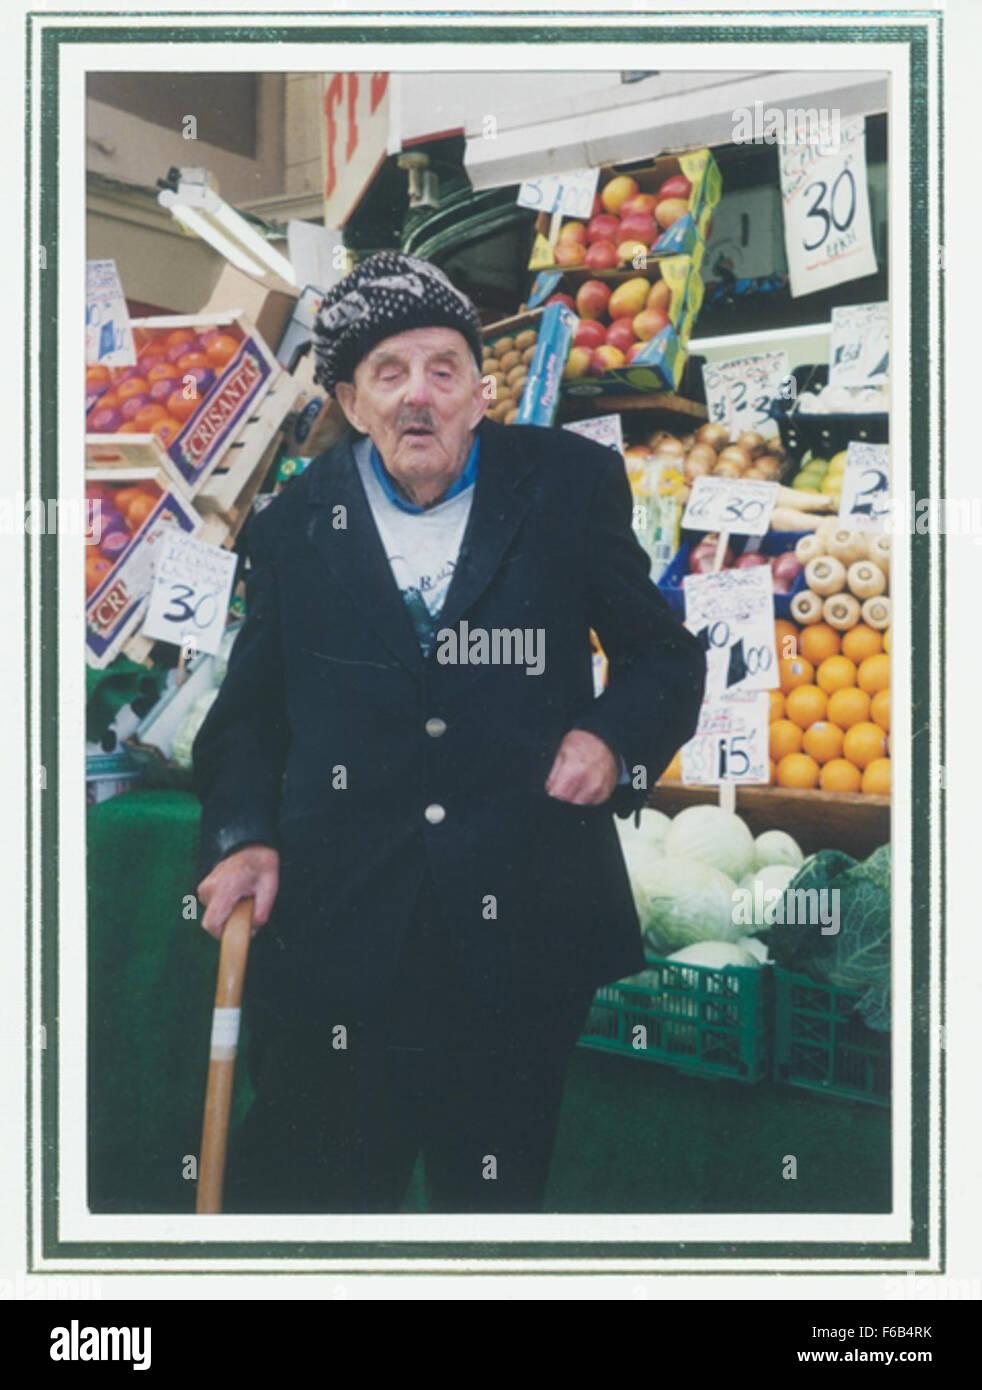 Jimmy Forsyth 2007 - Stock Image